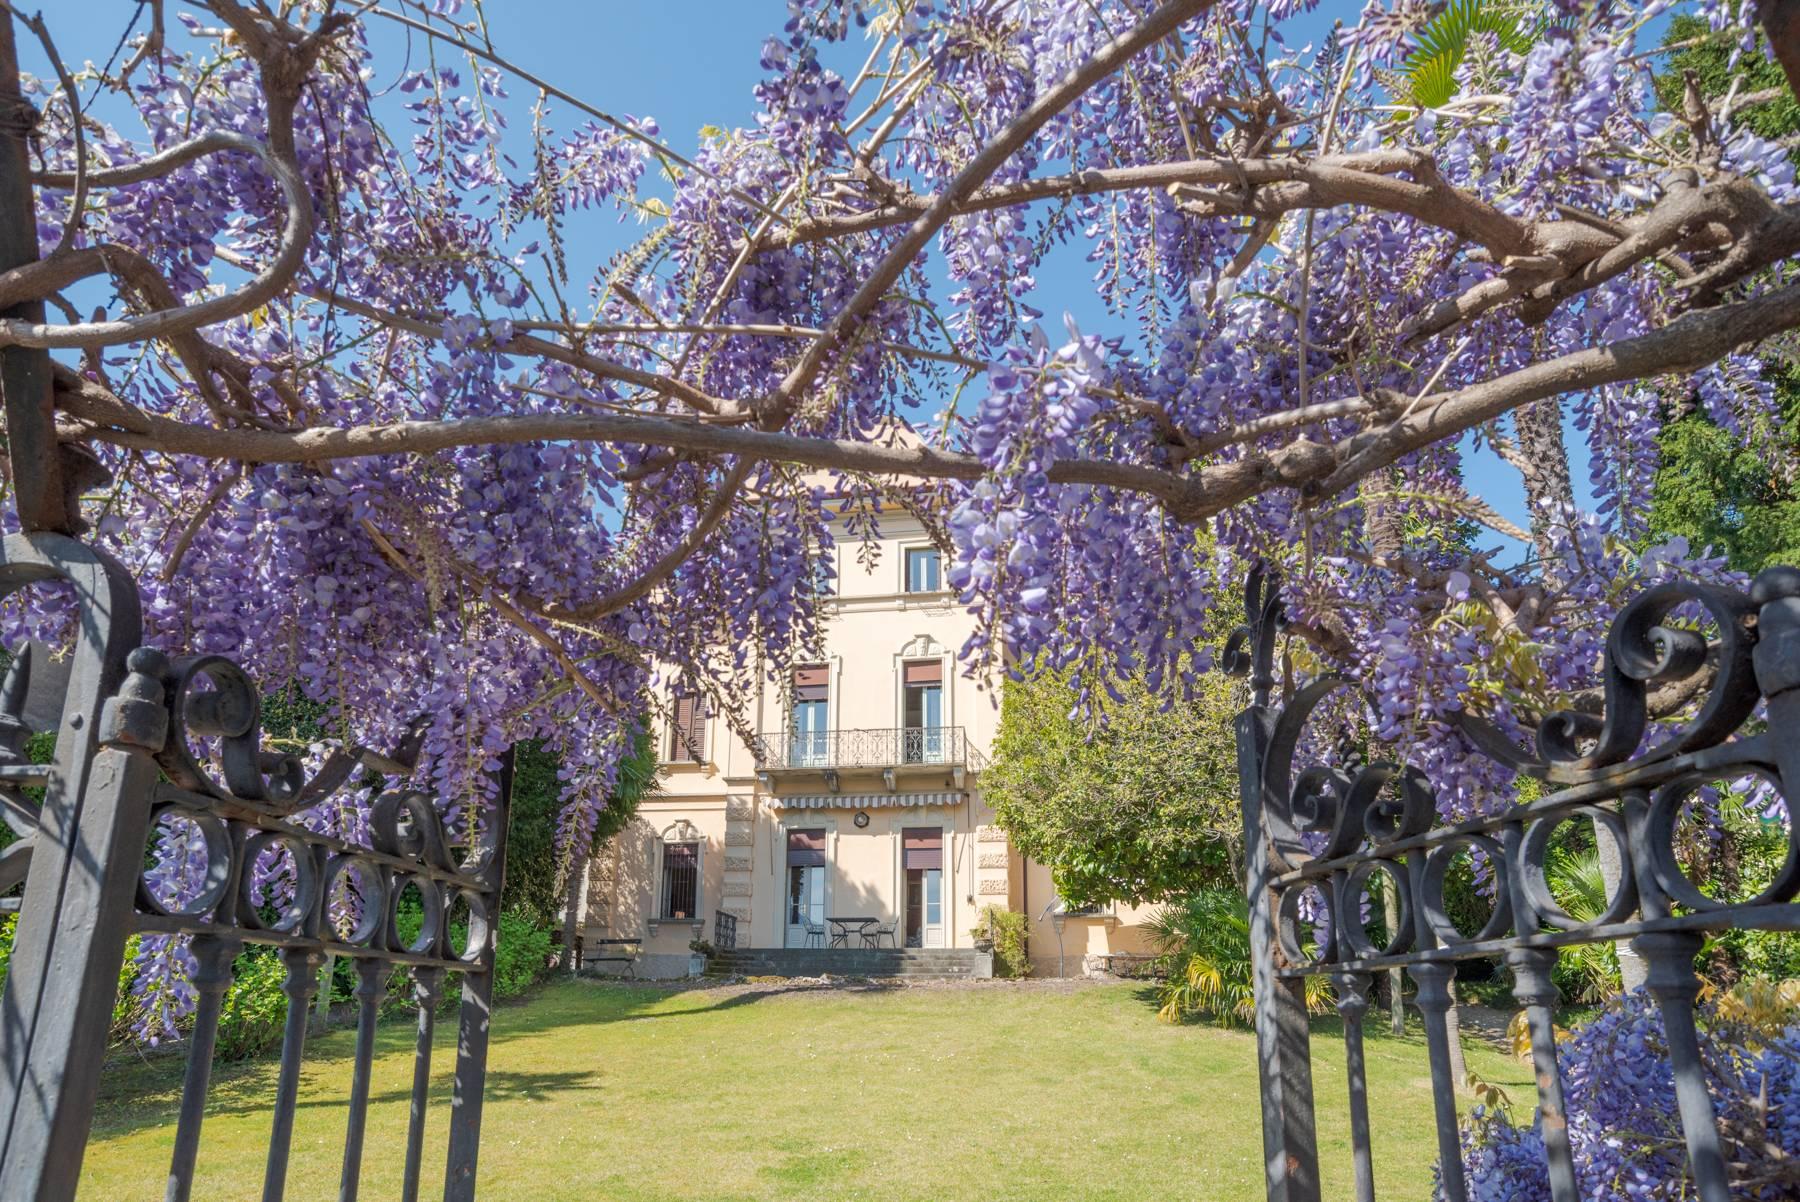 Villa in Vendita a Tremezzina: 5 locali, 650 mq - Foto 4